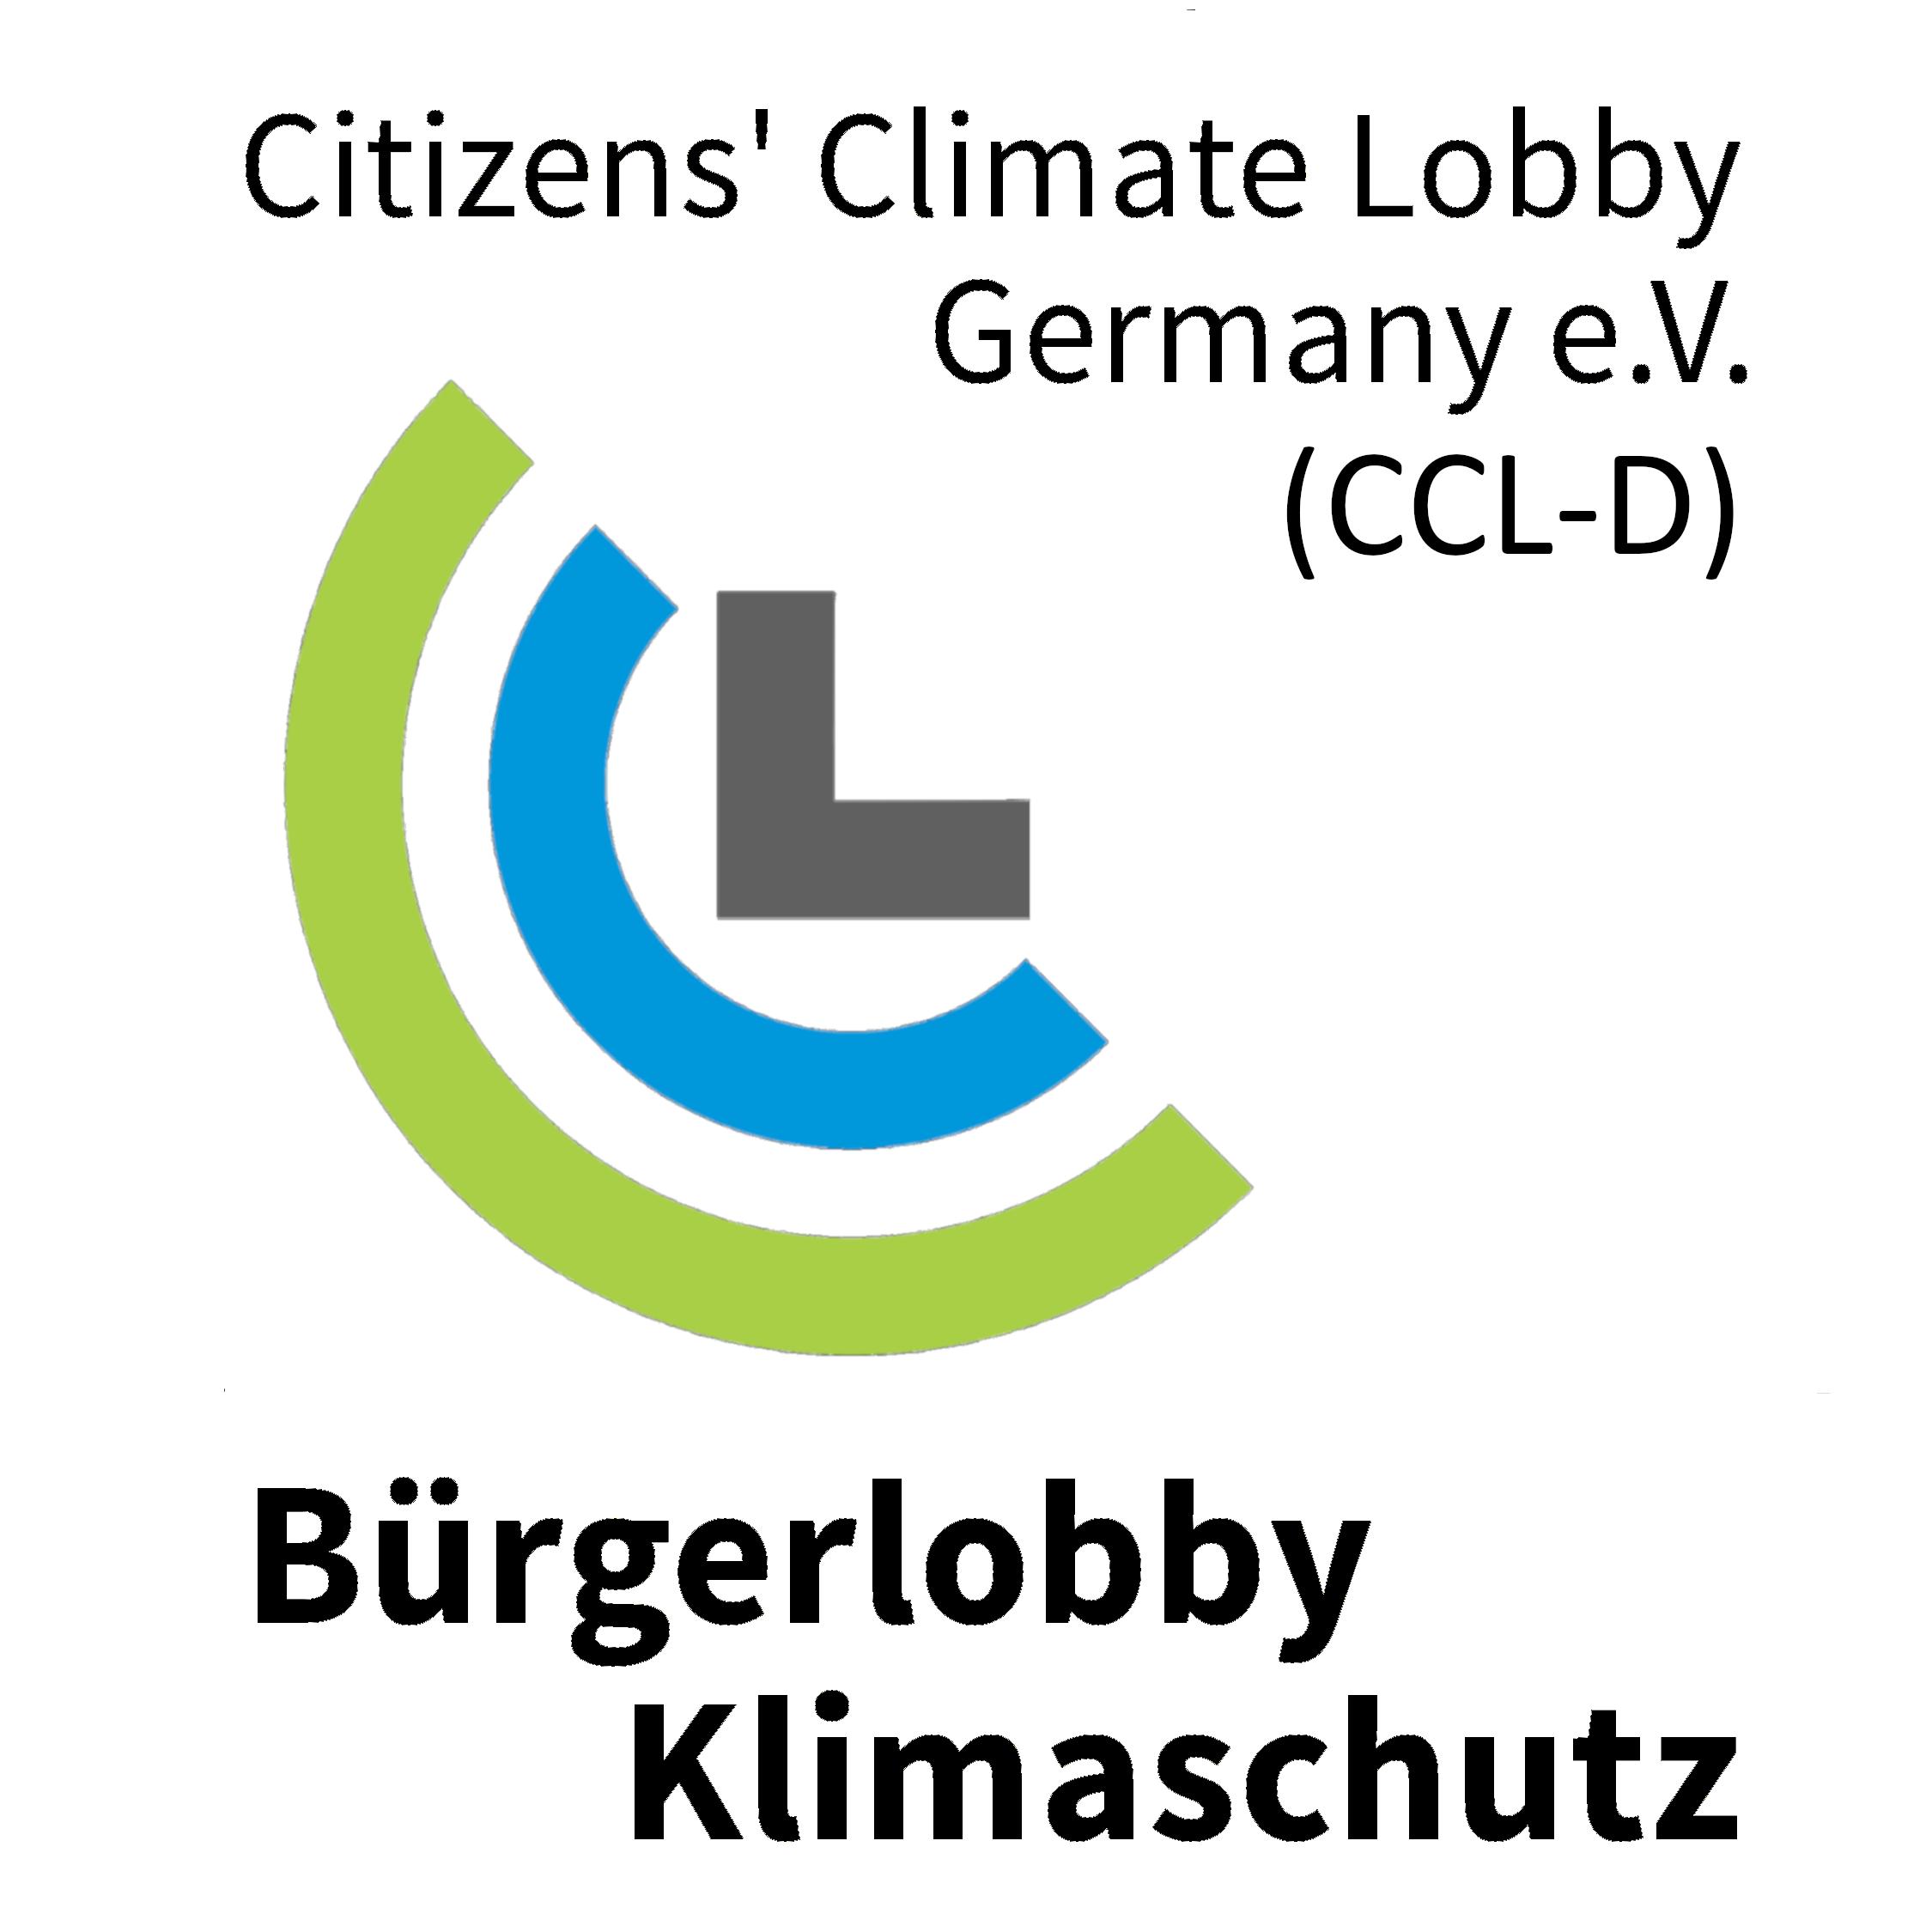 Bürgerlobby